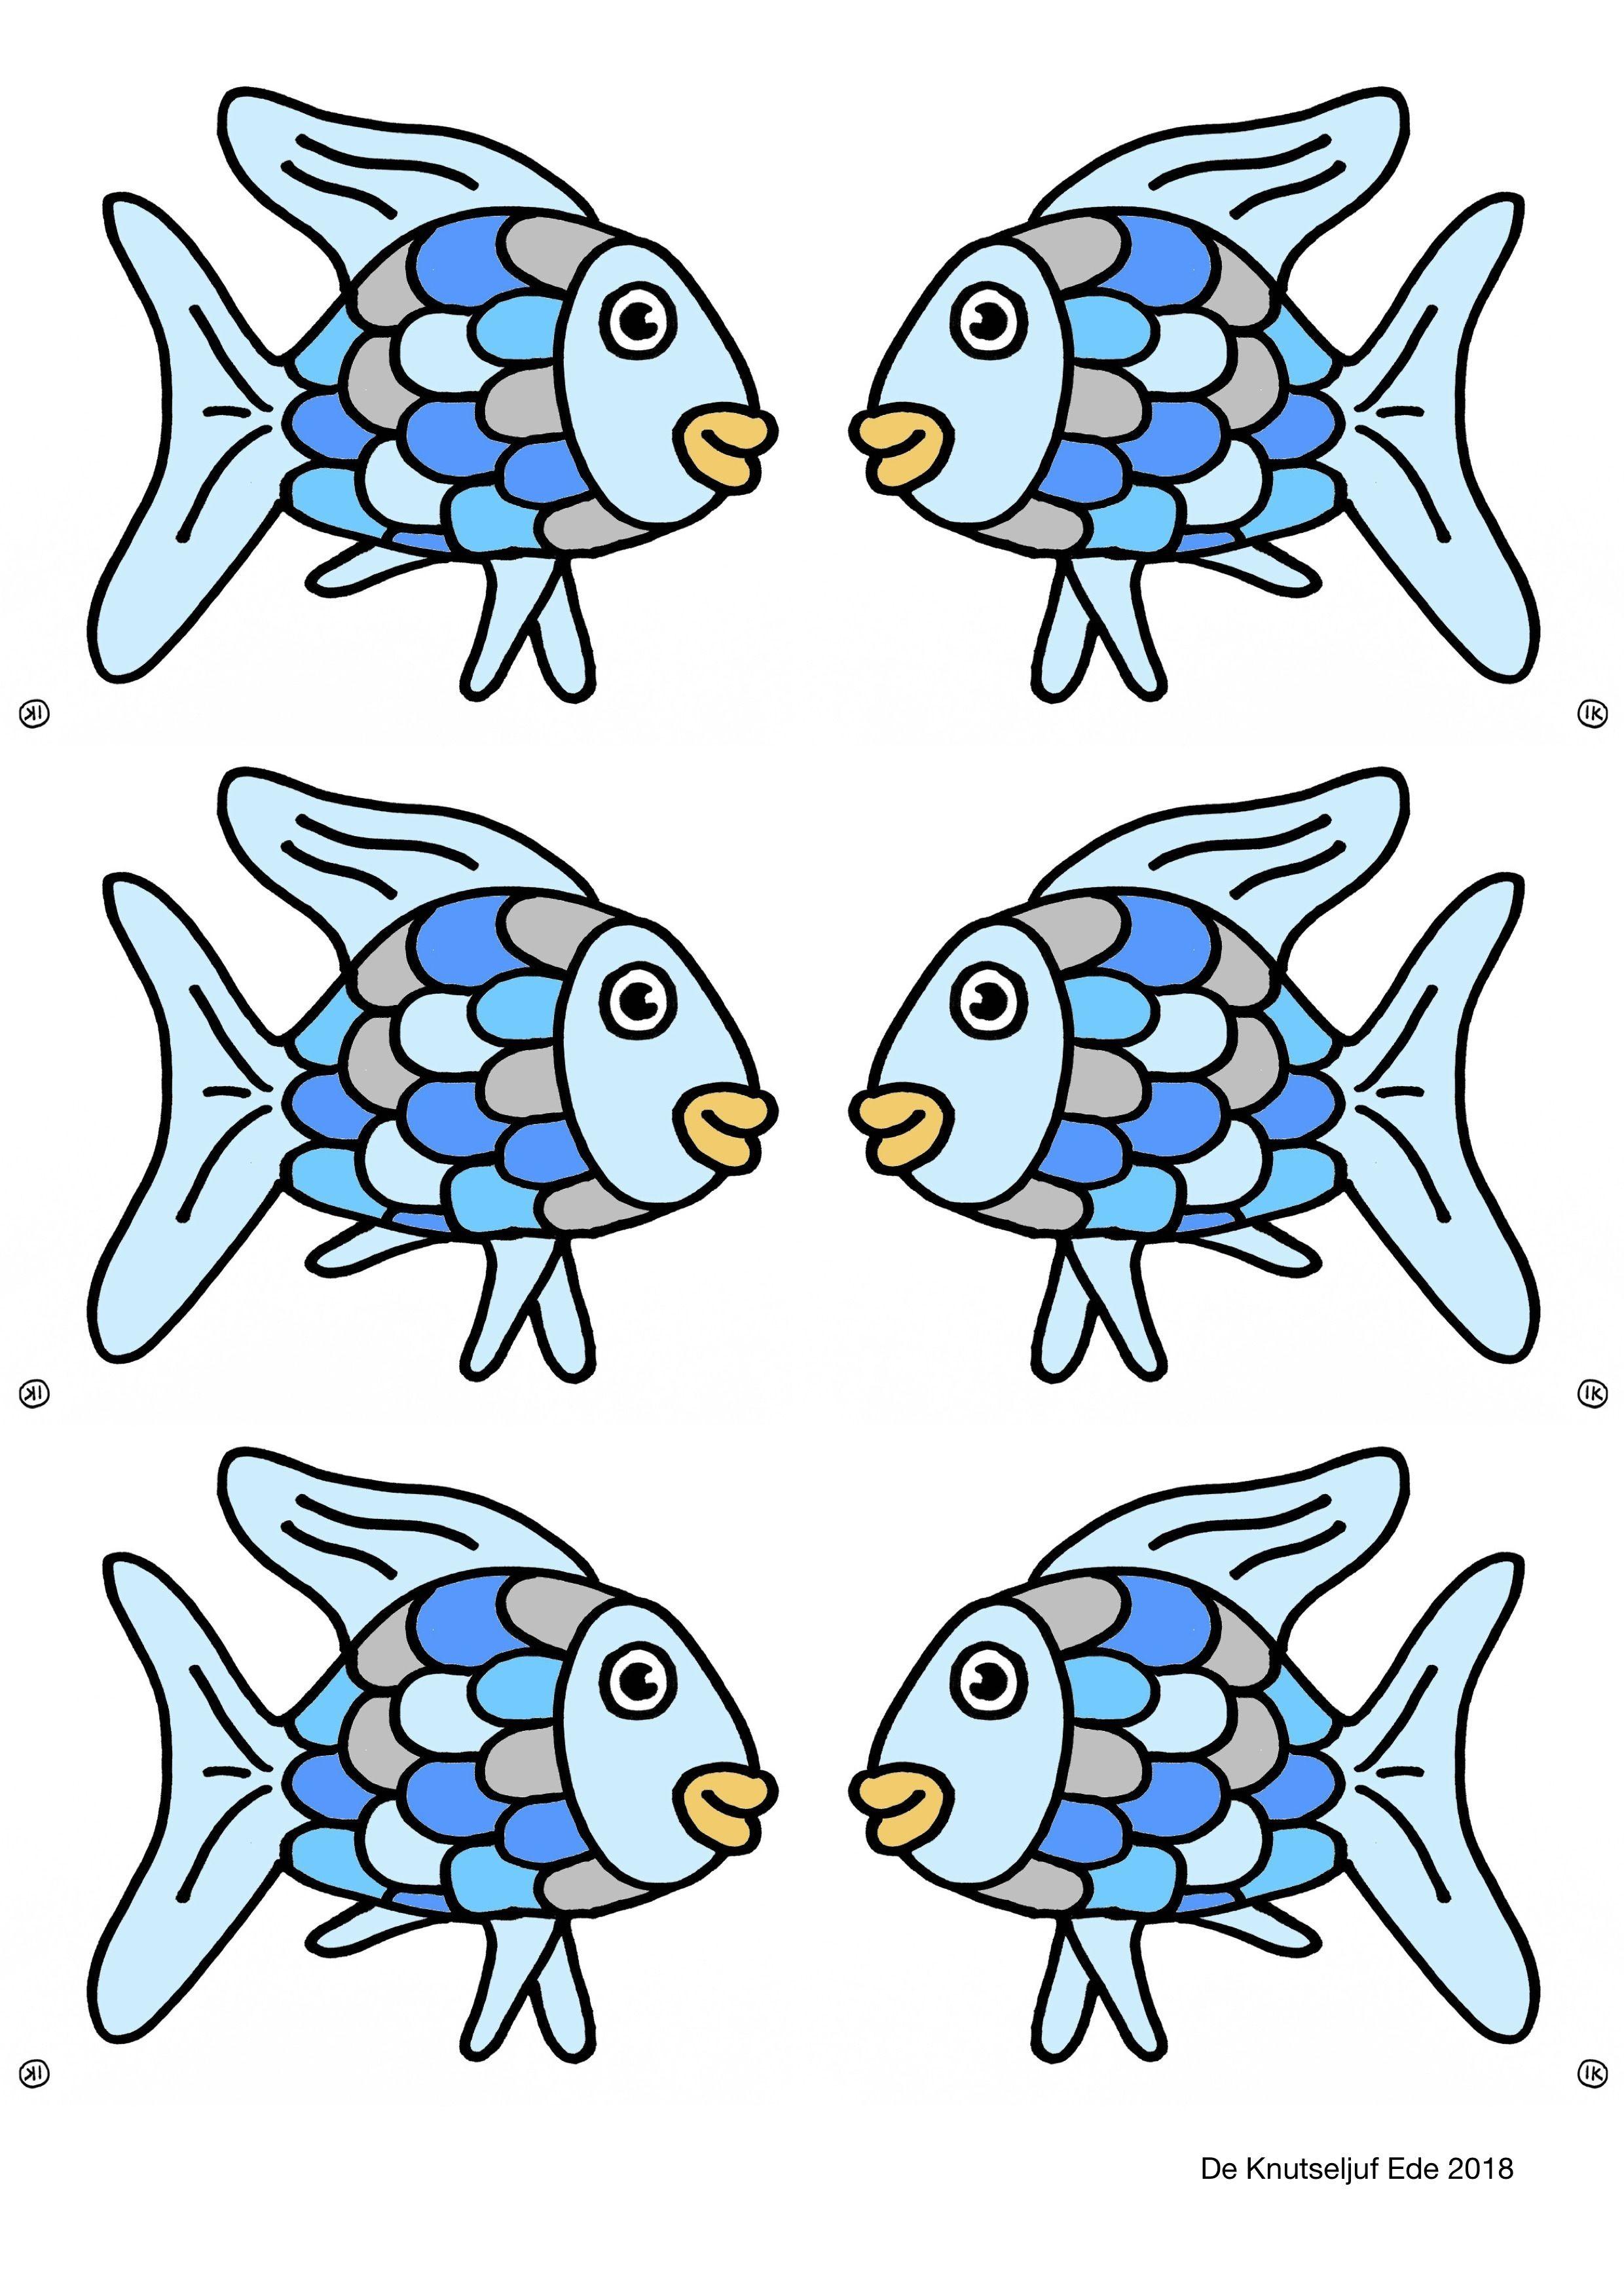 De Mooiste Vis Van De Zee Knutselen Het Mooiste Visje Van De Zee Knutselen Vissen Maken Van Papier Vis Onderwater Thema Vissen